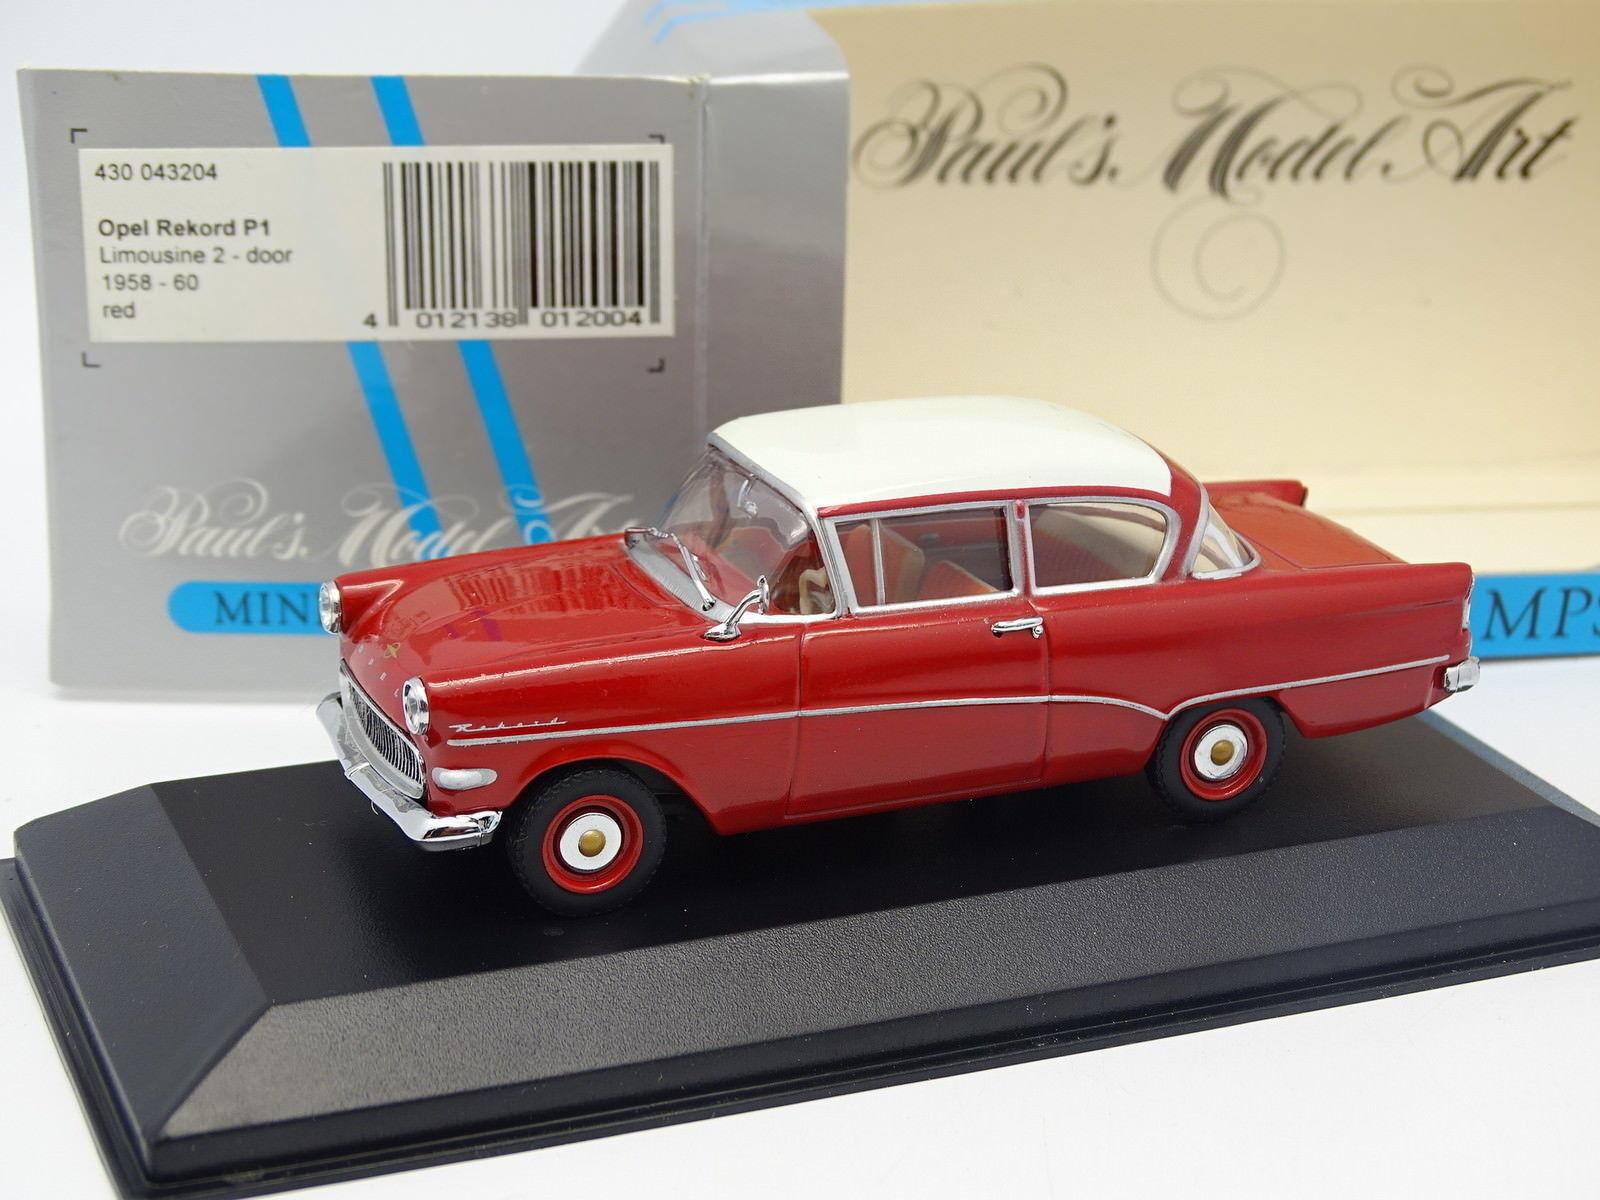 Minichamps 1 43 - opel rekord p1 2 doors 1958 red